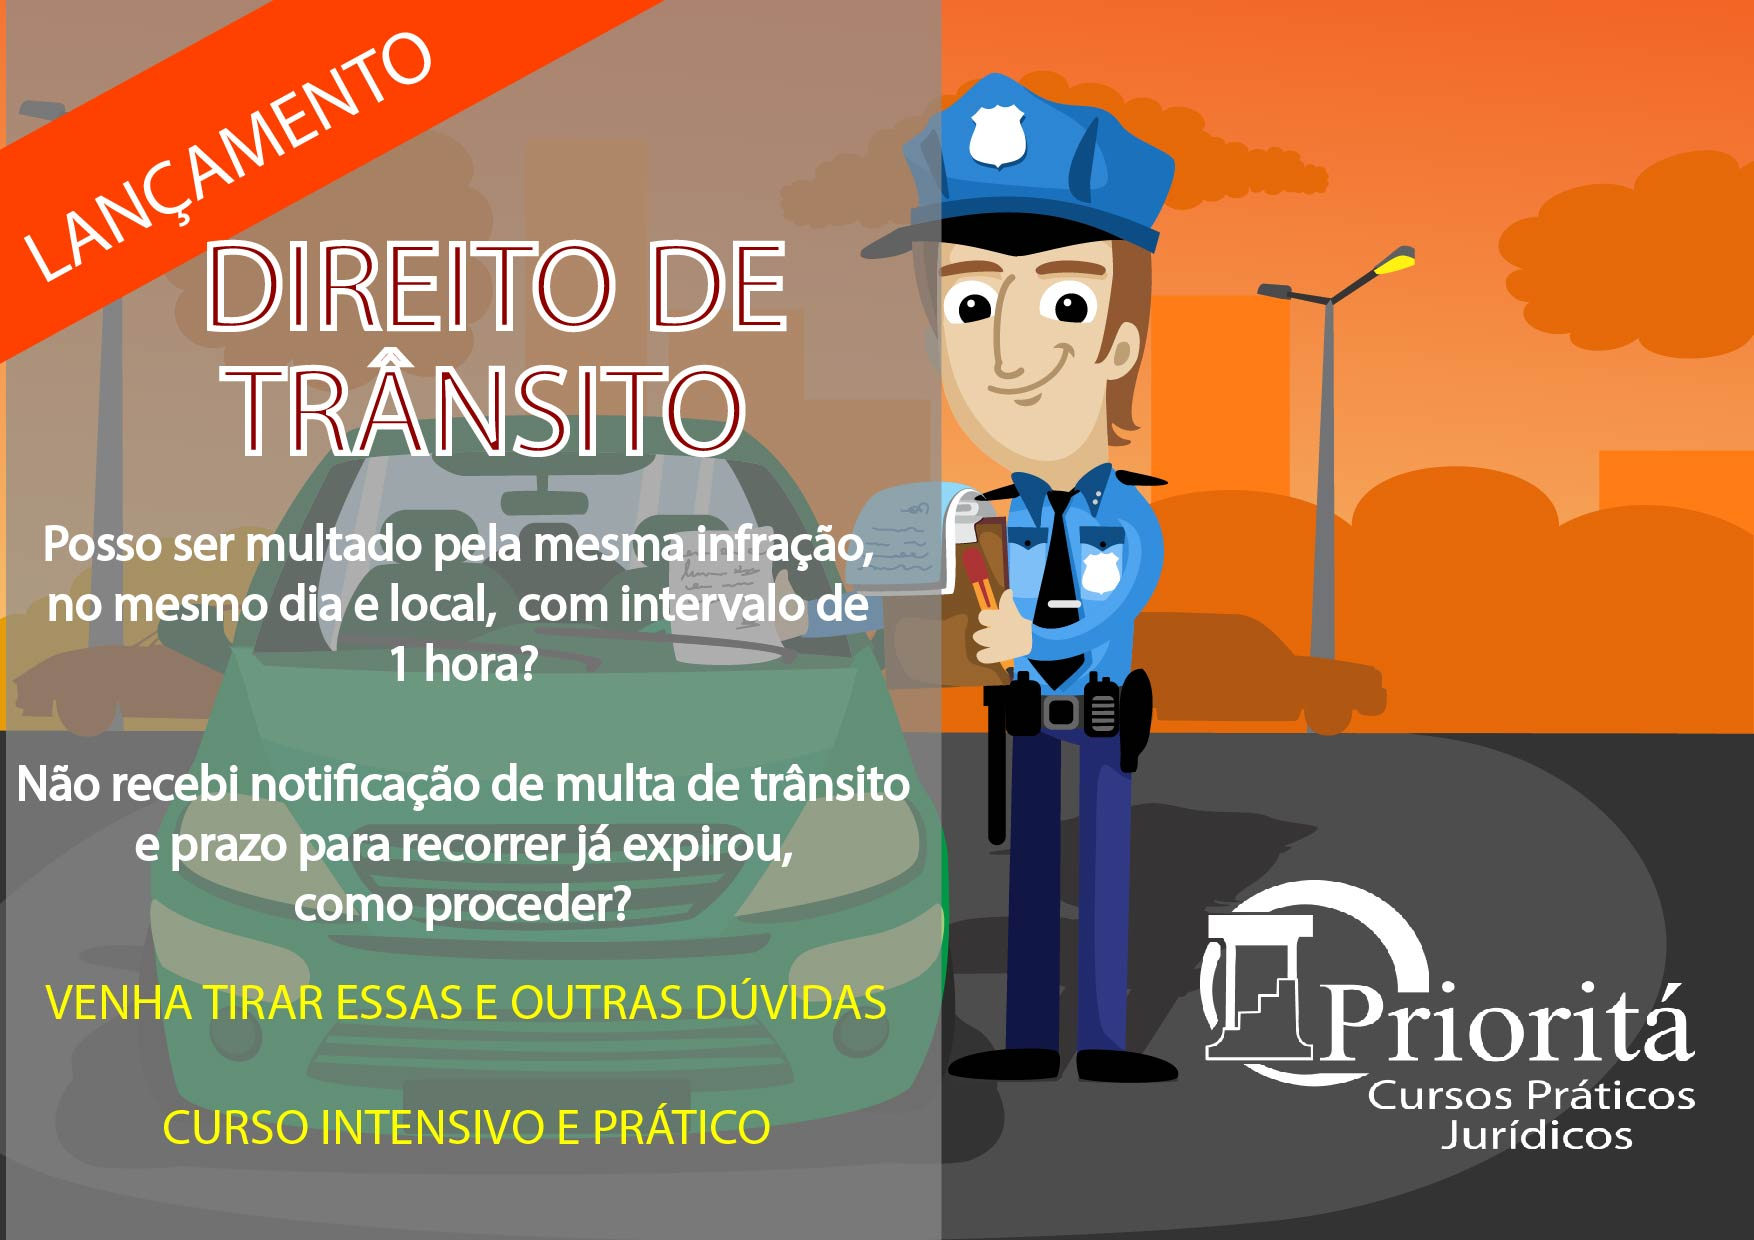 Prioritá Prática Forense, Cursos nas áreas de Direito Previdenciário, Trânsito, Eproc e Certificação Digital, e outros